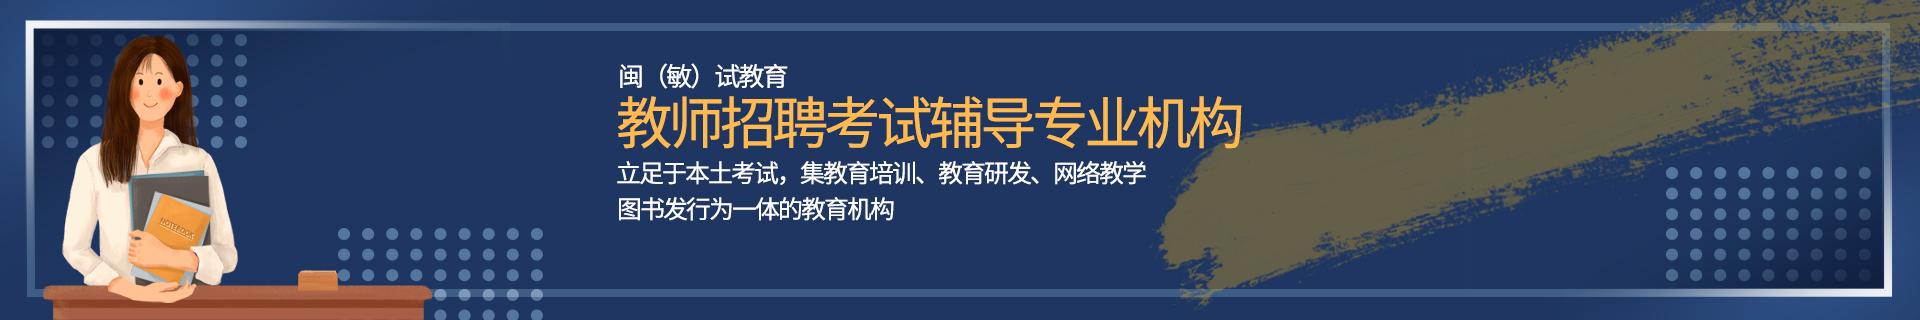 福清宏路镇闽试教育培训机构